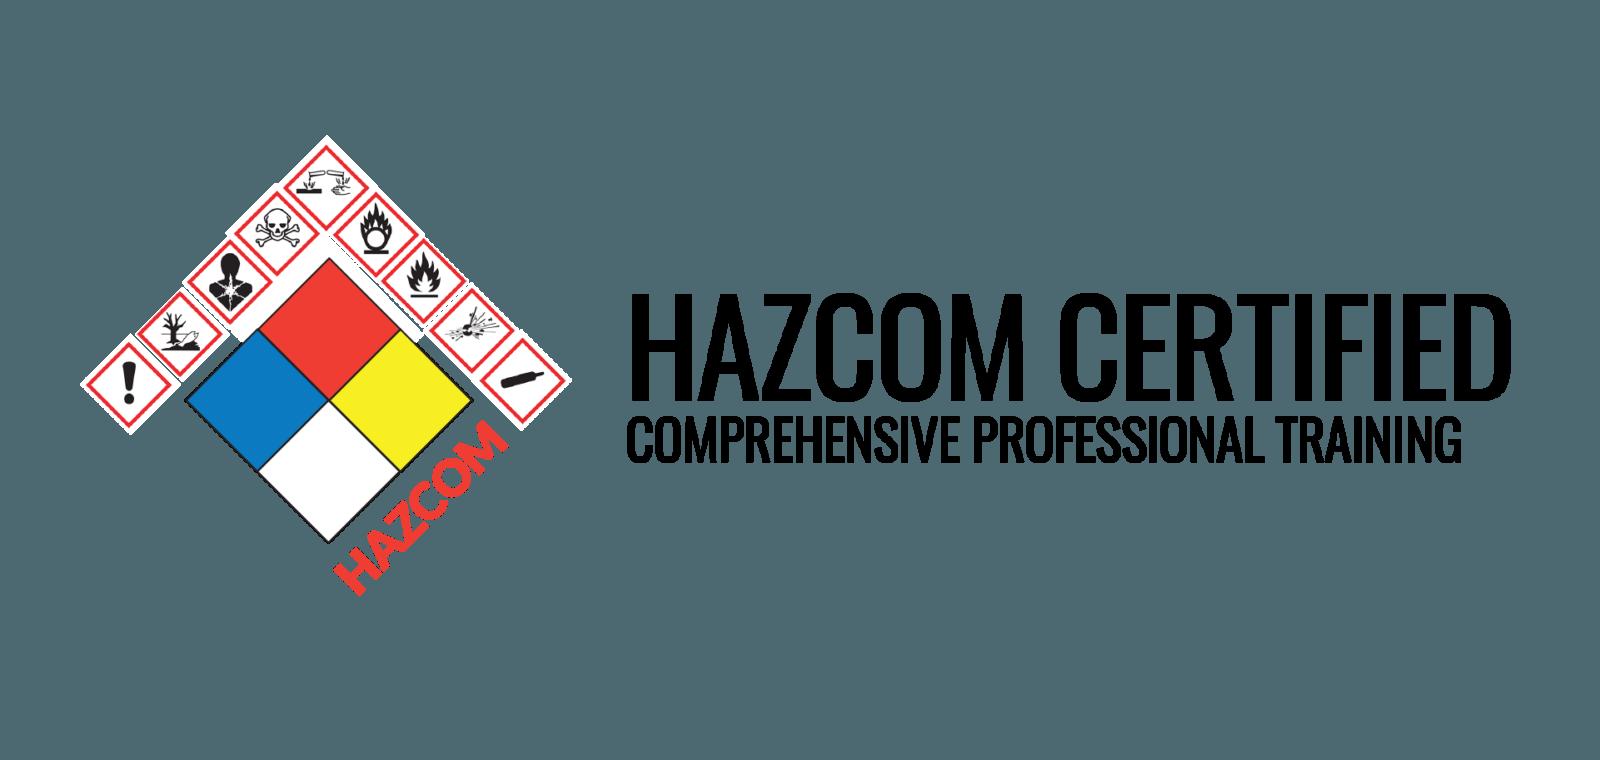 Hazcom Certified Logo